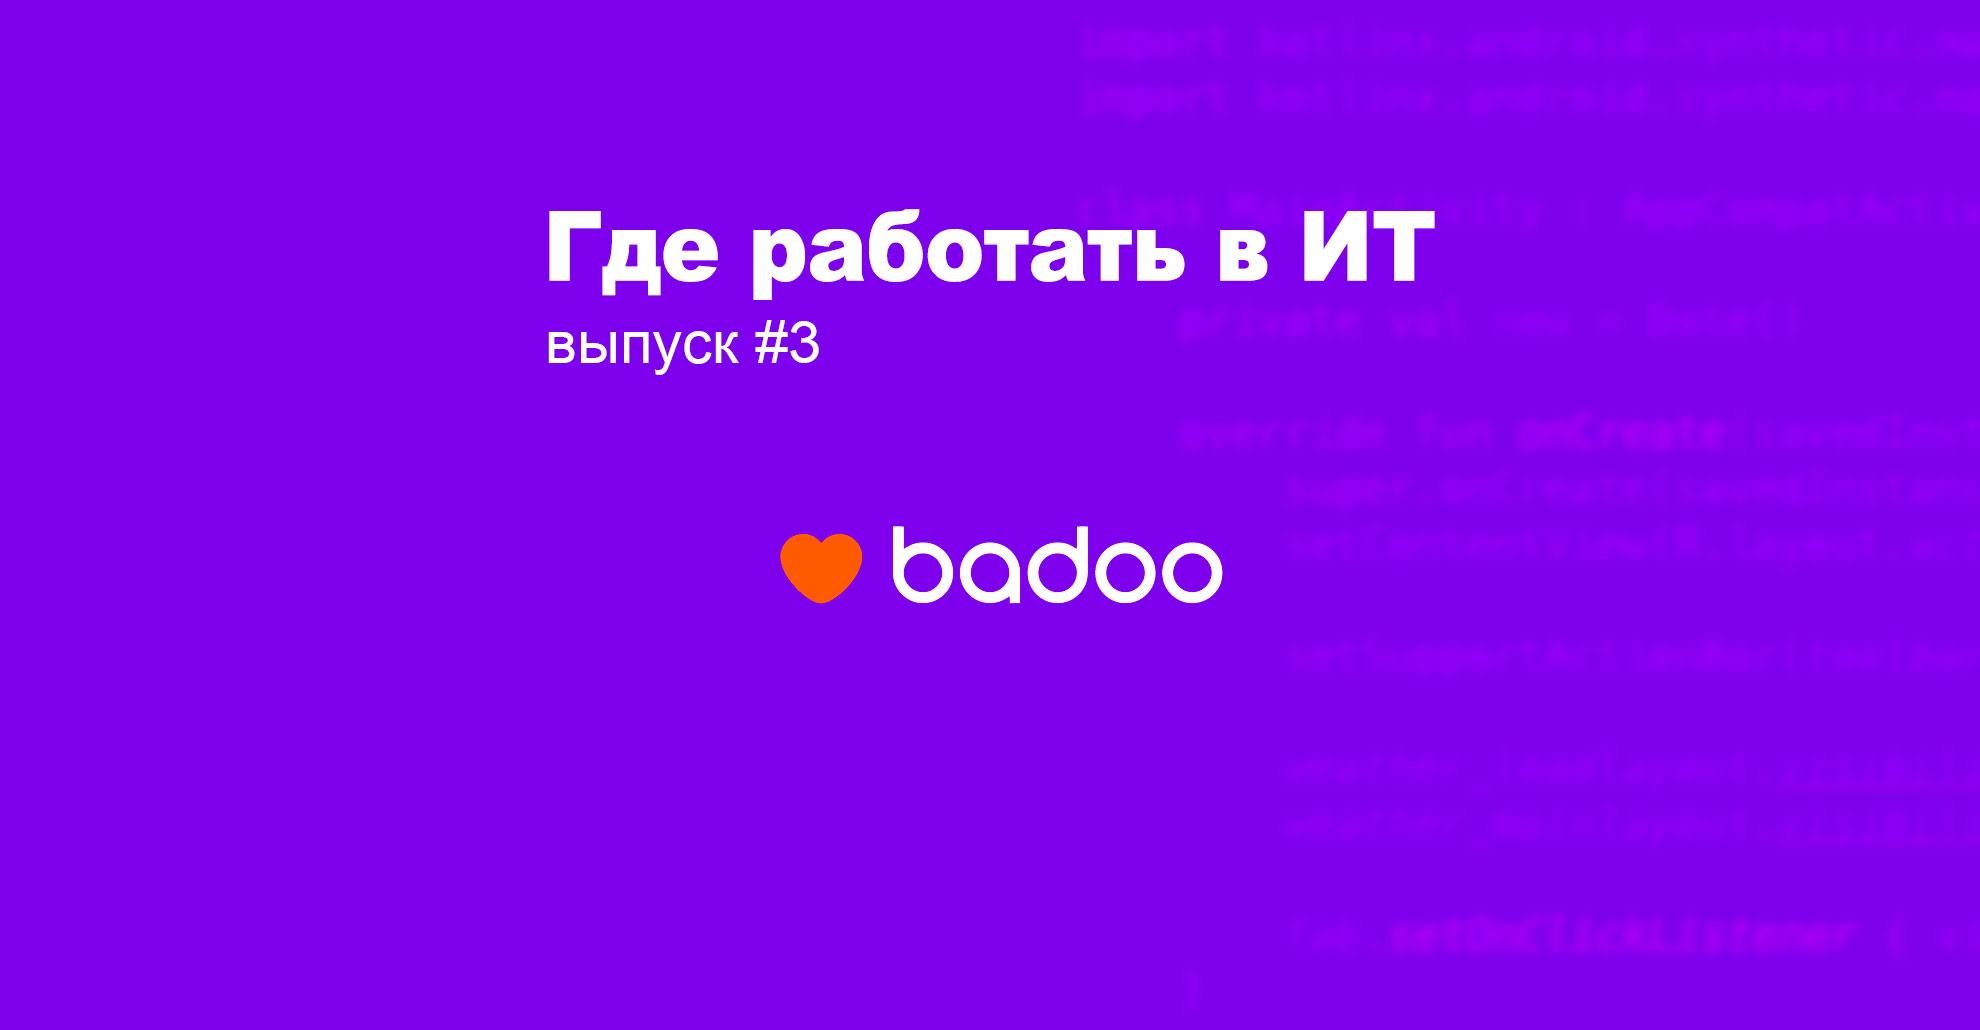 9kgavzh0a3yo-sp_n7vy_nrvzio.jpeg